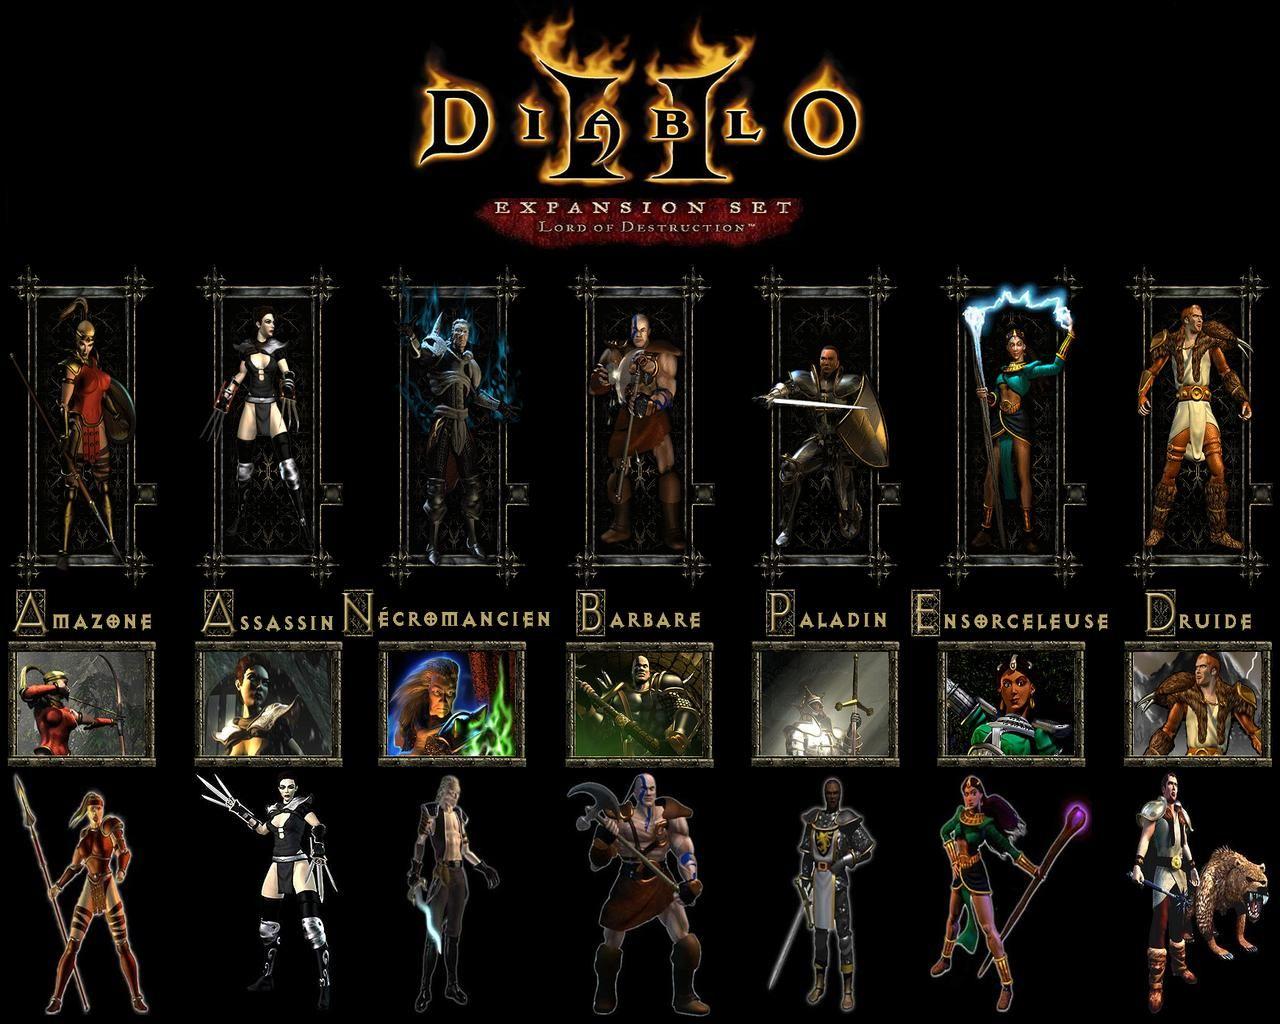 Diablo ii lord of destruction wallpapers diablo diablo - Diablo 2 lord of destruction wallpaper ...